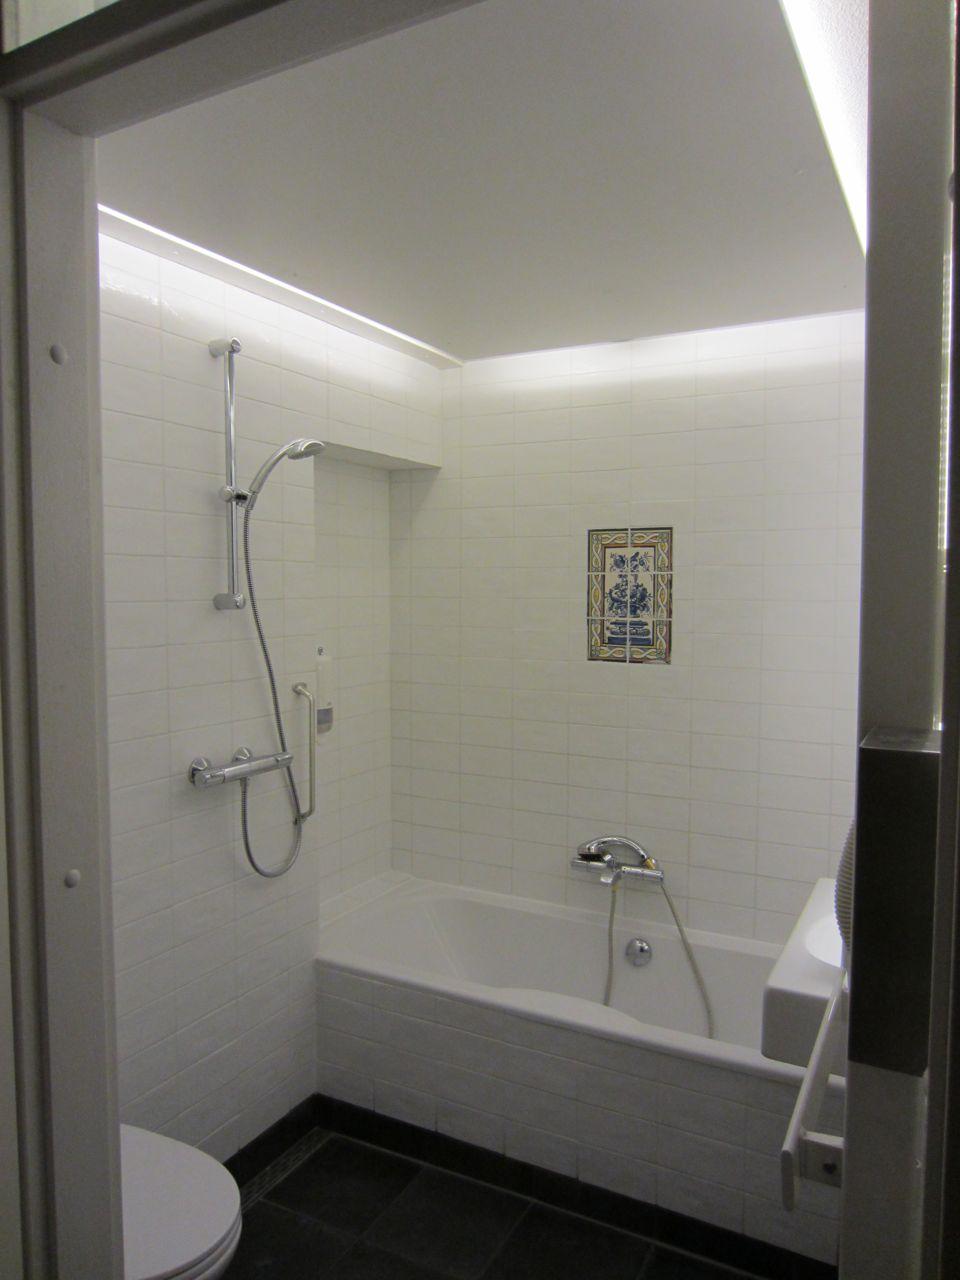 Bamboe Werkblad Badkamer ~ 1000+ images about Bathrooms on Pinterest